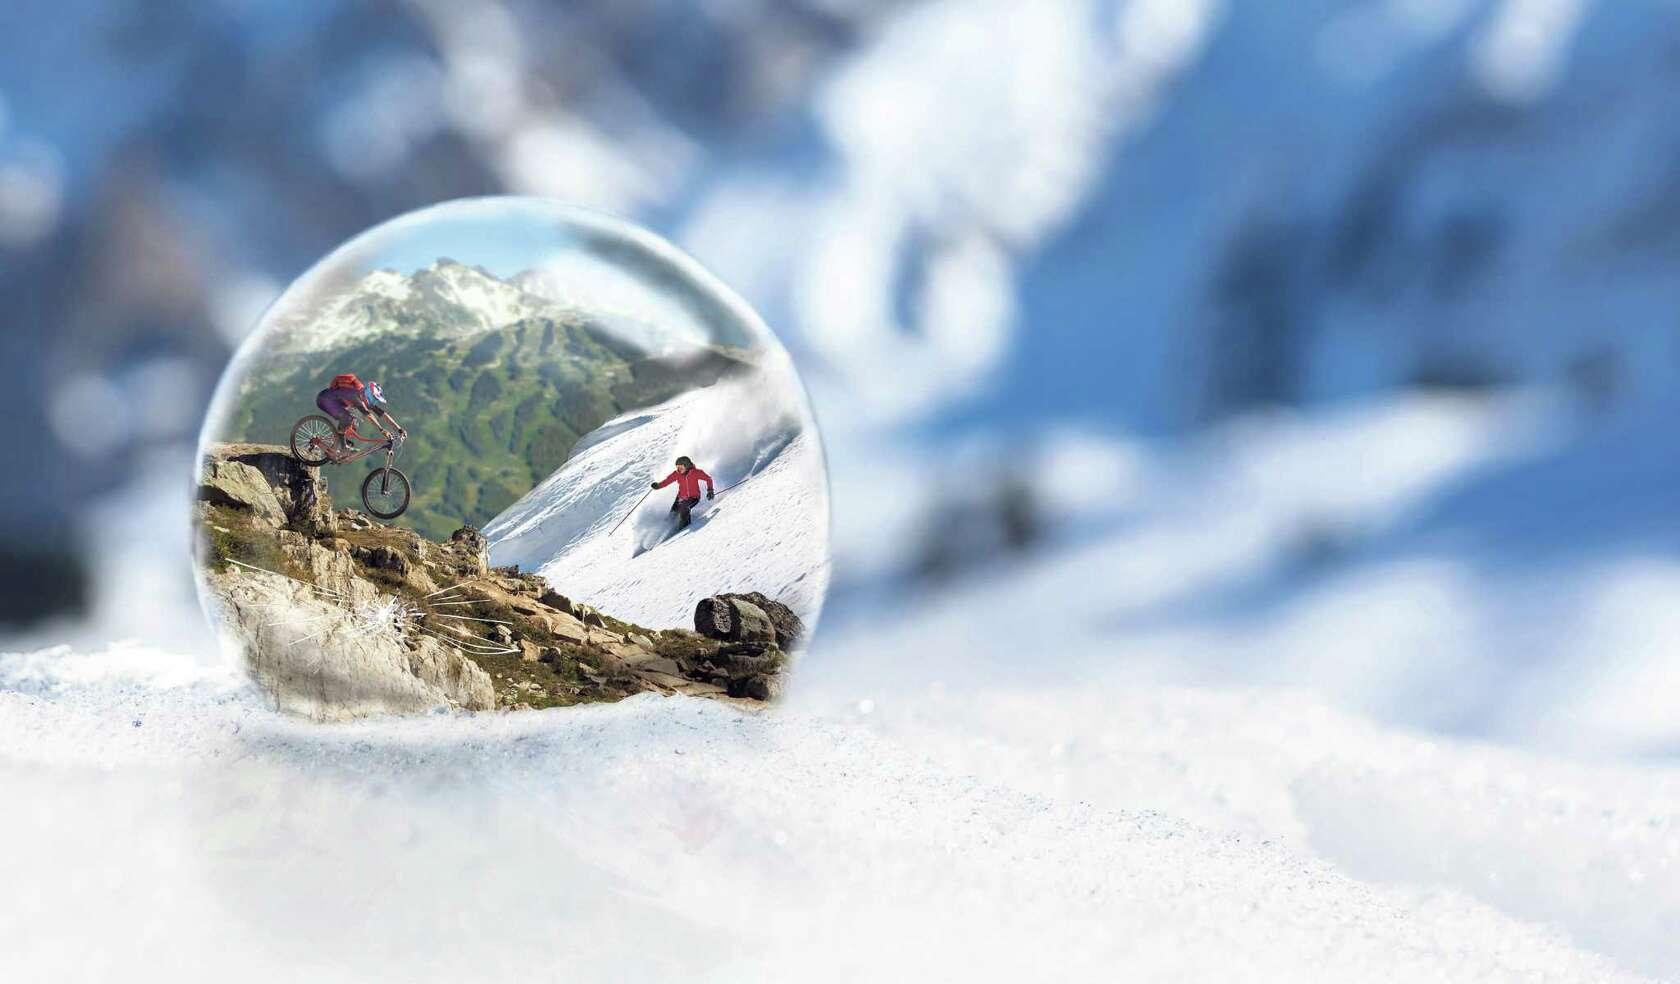 The future of skiing in California